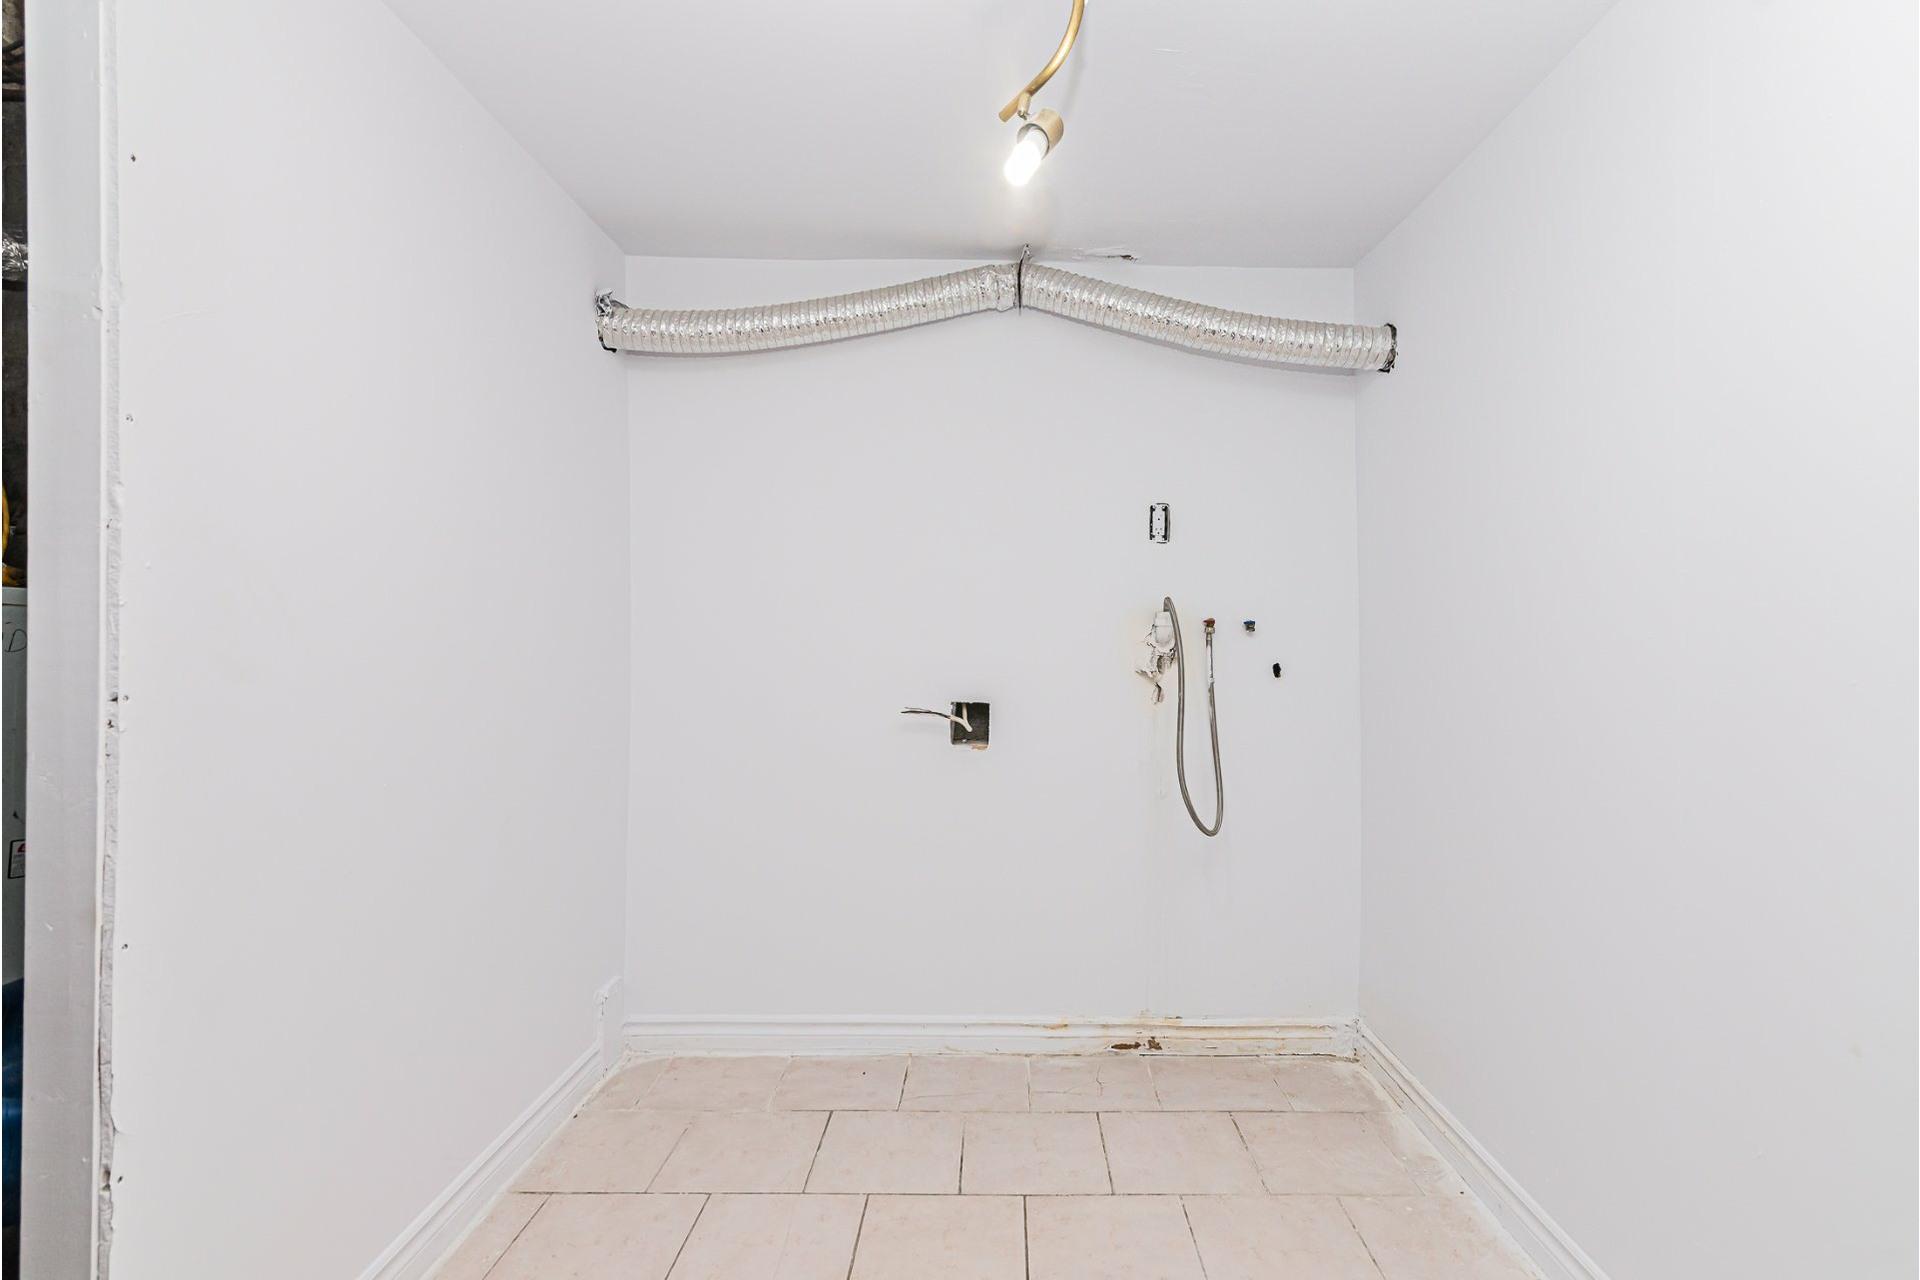 image 19 - Triplex For sale Villeray/Saint-Michel/Parc-Extension Montréal  - 6 rooms